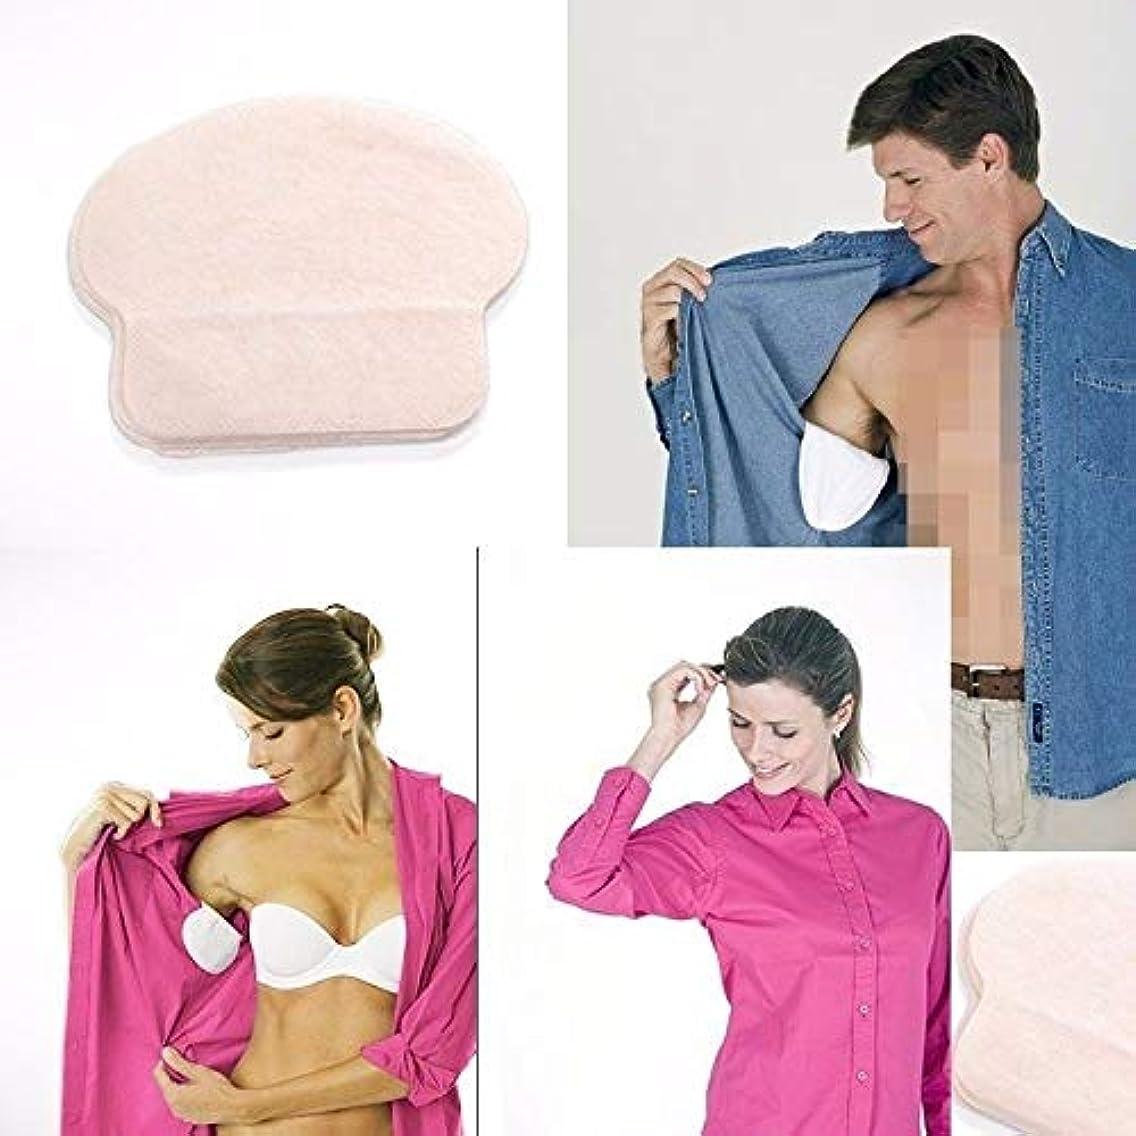 資料拮抗ミントわき汗パット 汗わきパッド 防臭  ワキ汗対策 使い捨て 汗じみ防止 汗取り吸収  汗とりパット (25ペア)